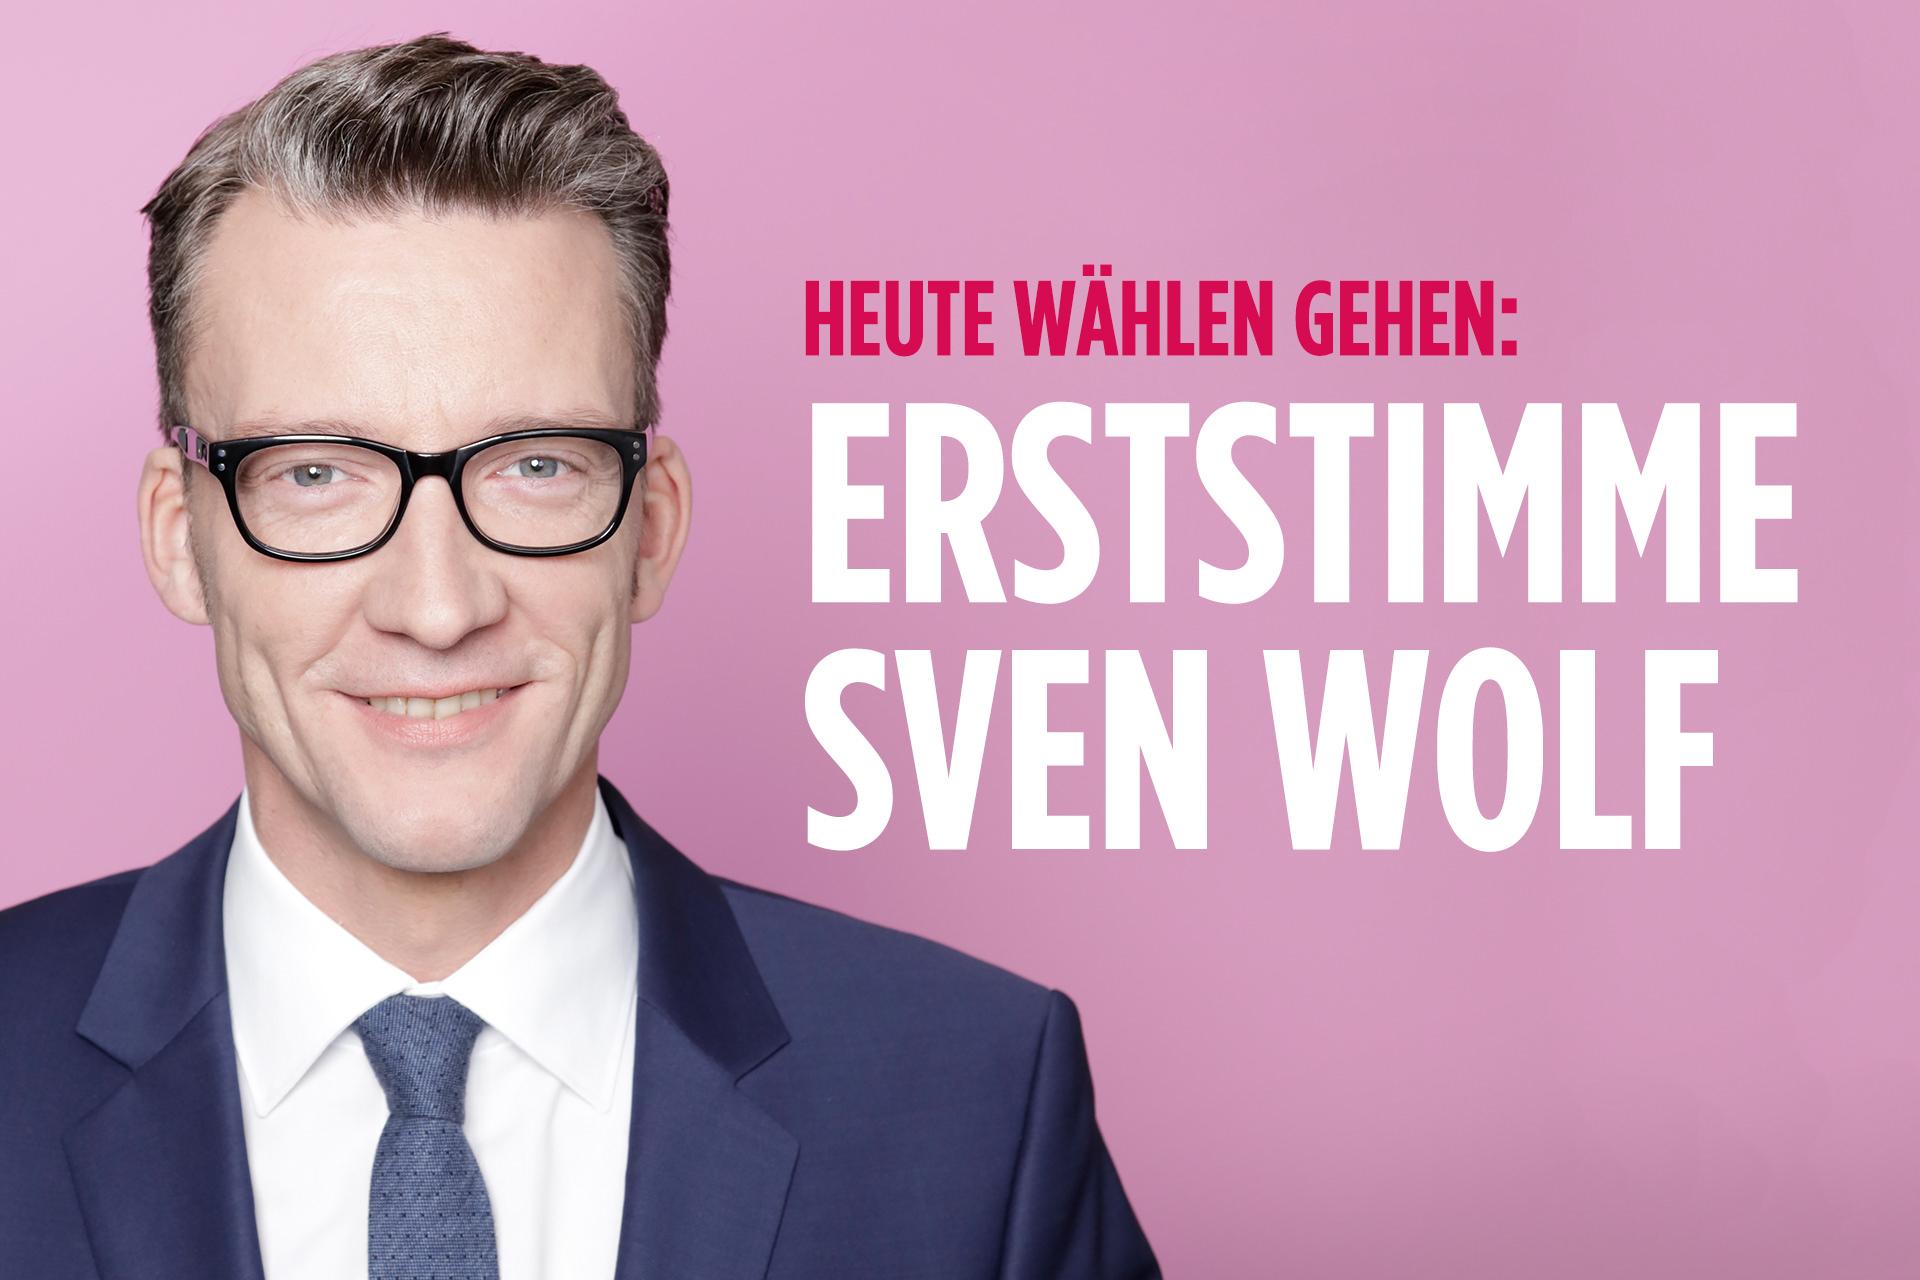 Landtagswahl Nrw Erststimme